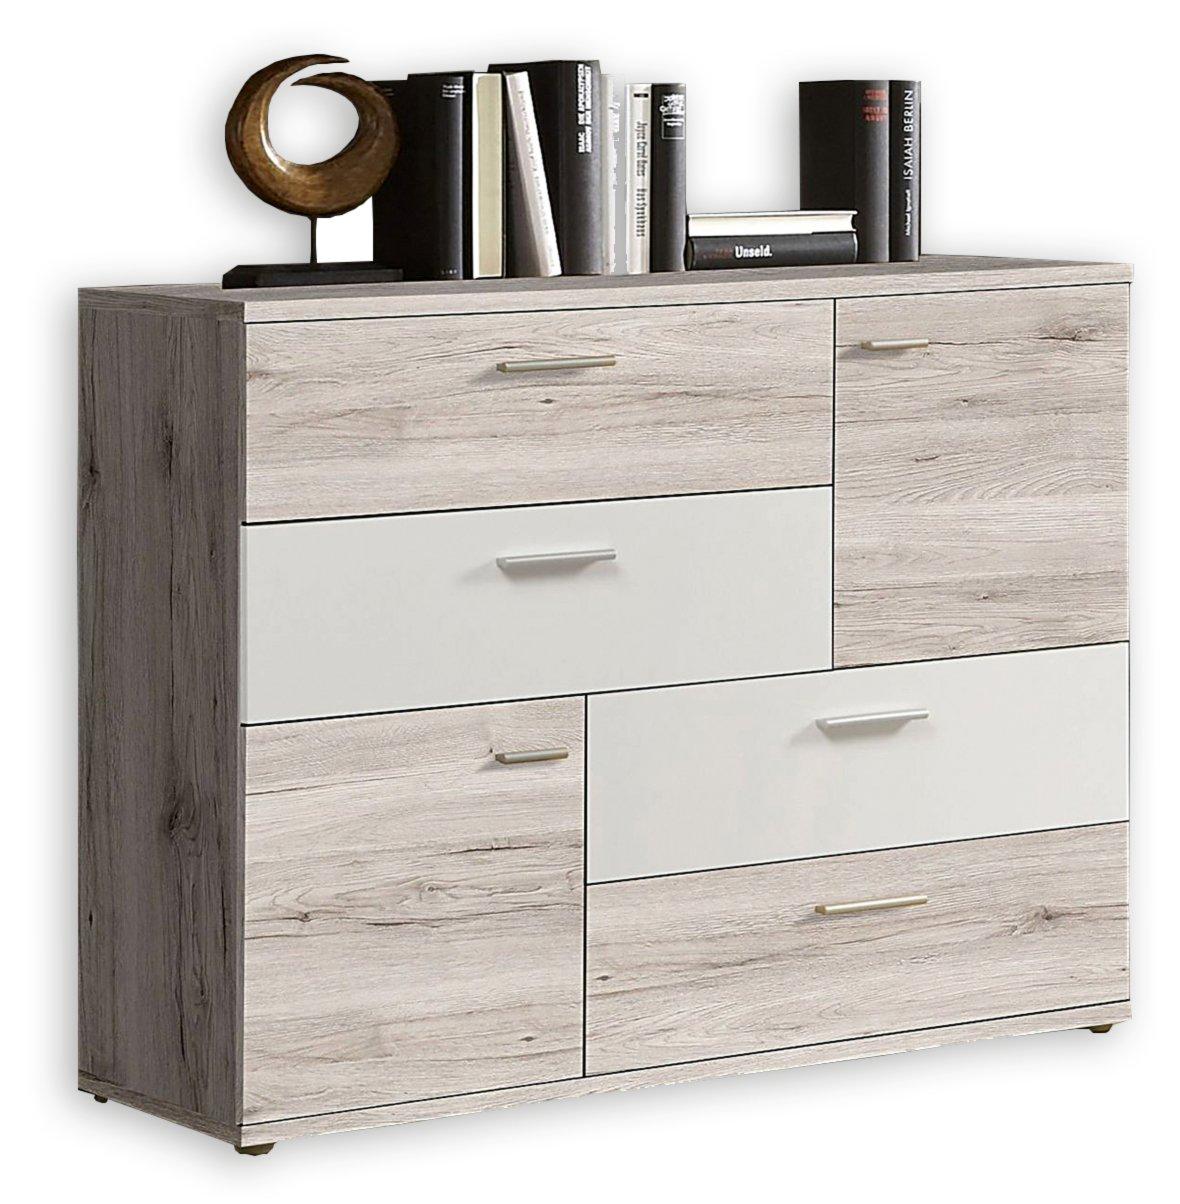 kommode skive sandeiche wei 125 cm kommoden sideboards m bel roller m belhaus. Black Bedroom Furniture Sets. Home Design Ideas